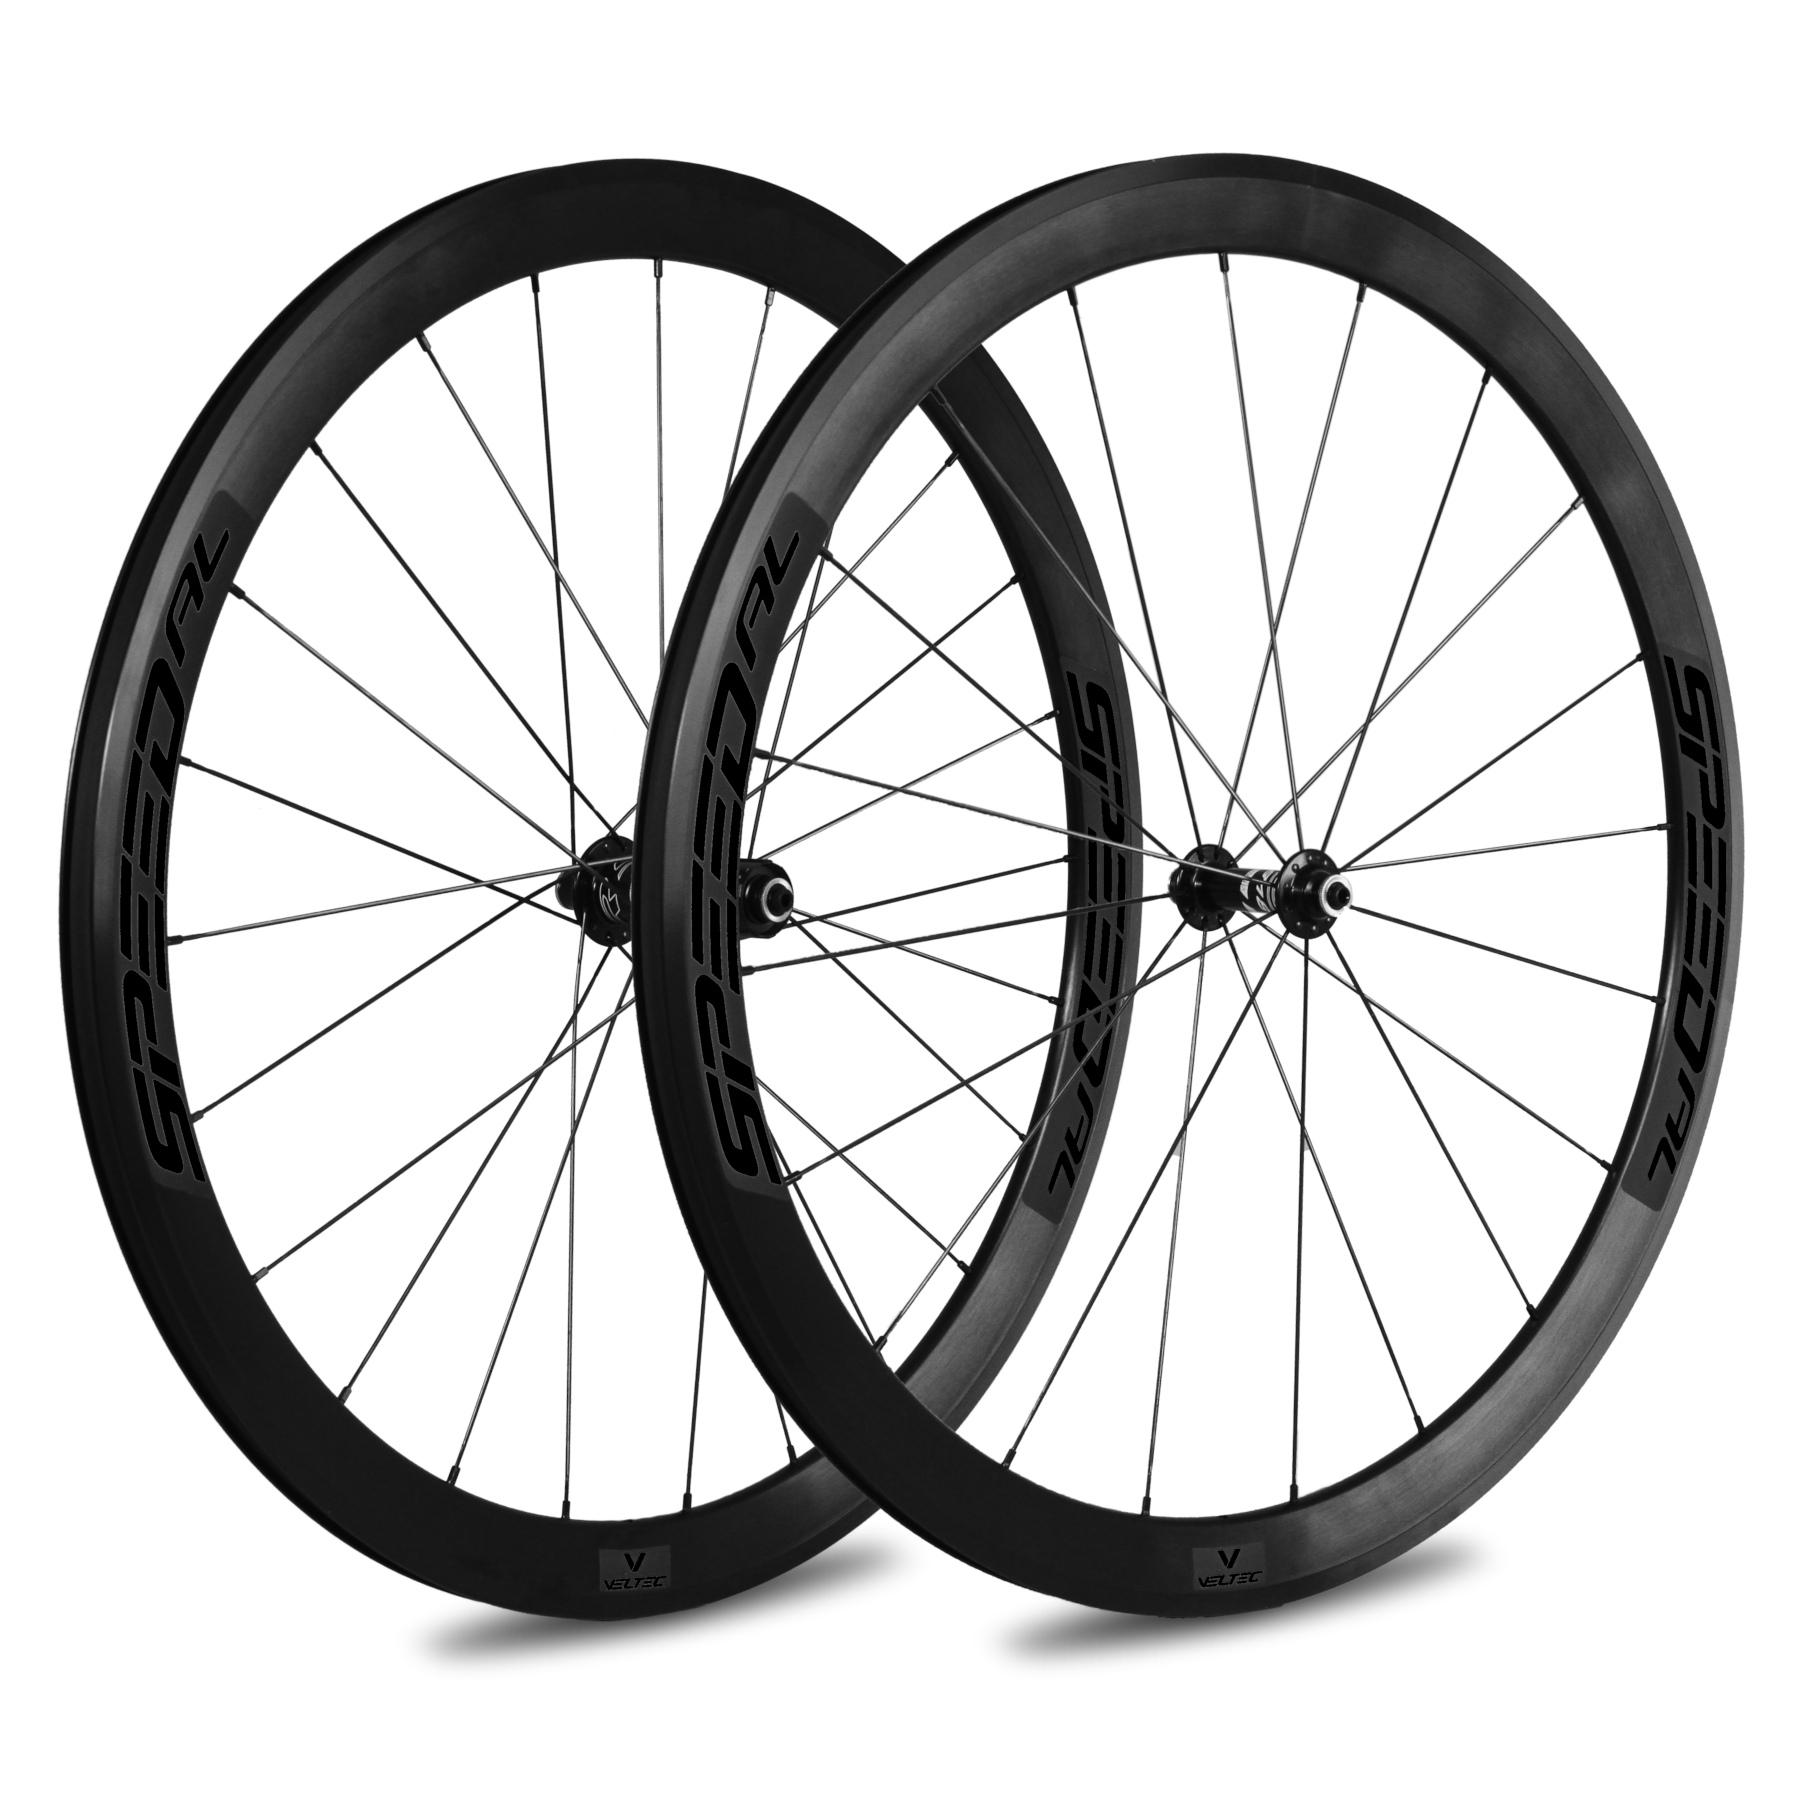 Veltec Speed AL Laufradsatz - Drahtreifen - QR100/QR130 - Campagnolo ED - schwarz